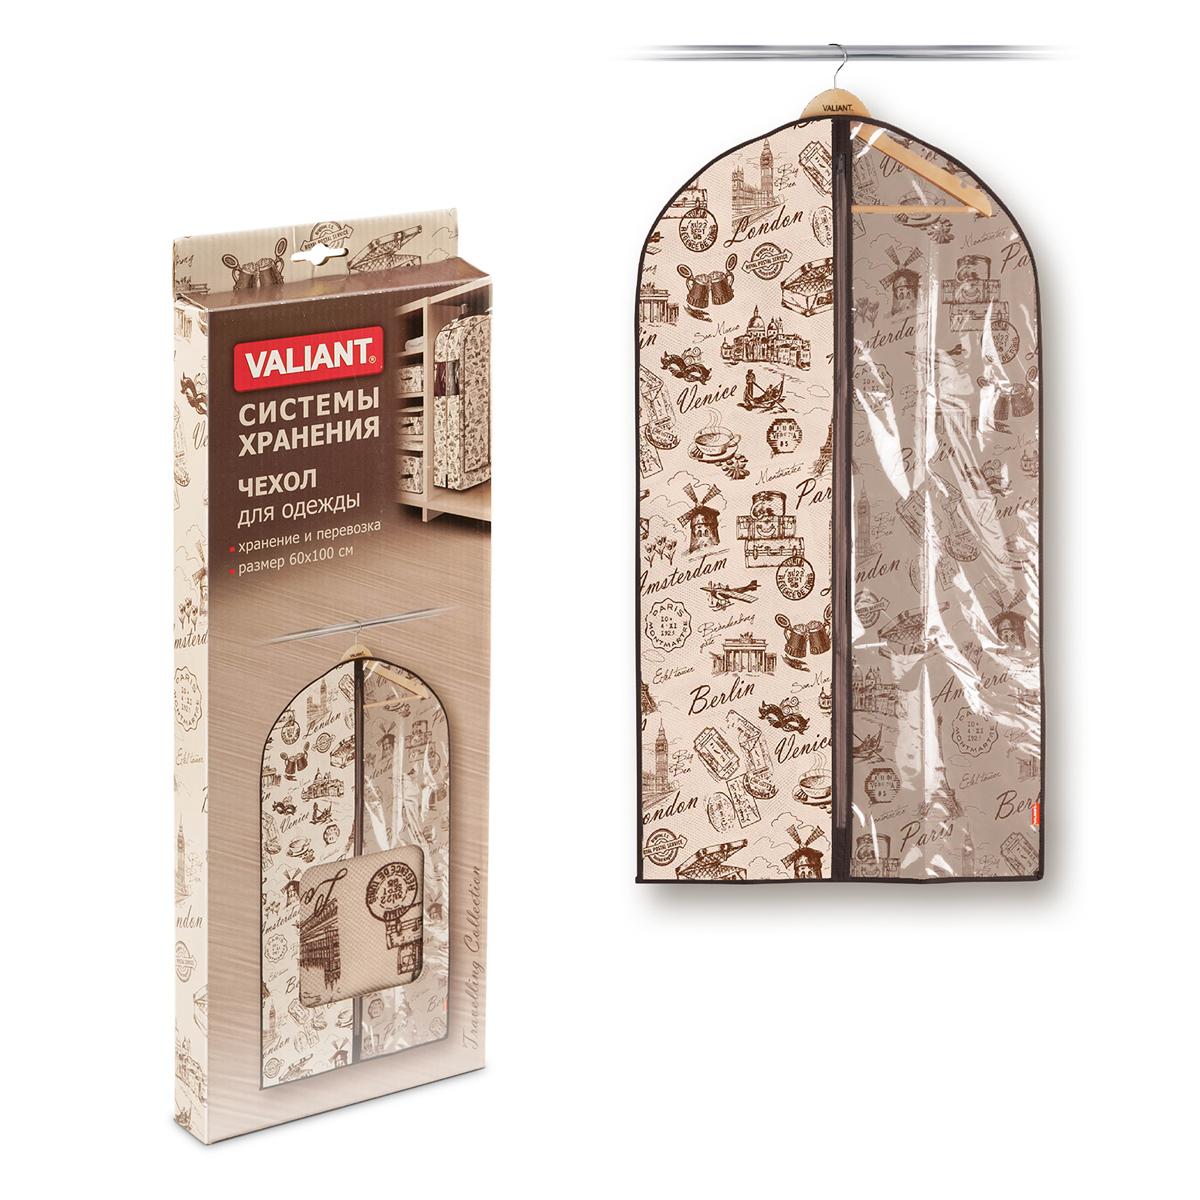 Чехол для одежды Valiant Travelling, 60 х 100 смTRC005Чехол для одежды Valiant Travelling изготовлен из высококачественного нетканого материала, который обеспечивает естественную вентиляцию, позволяя воздуху проникать внутрь, но не пропуская пыль. Чехол очень удобен в использовании. Специальная прозрачная вставка позволяет видеть содержимое внутри чехла, не открывая его. Чехол легко открывается и закрывается застежкой-молнией. Идеально подойдет для транспортировки и хранения одежды. Системы хранения в едином дизайне сделают вашу гардеробную красивой и невероятно стильной.